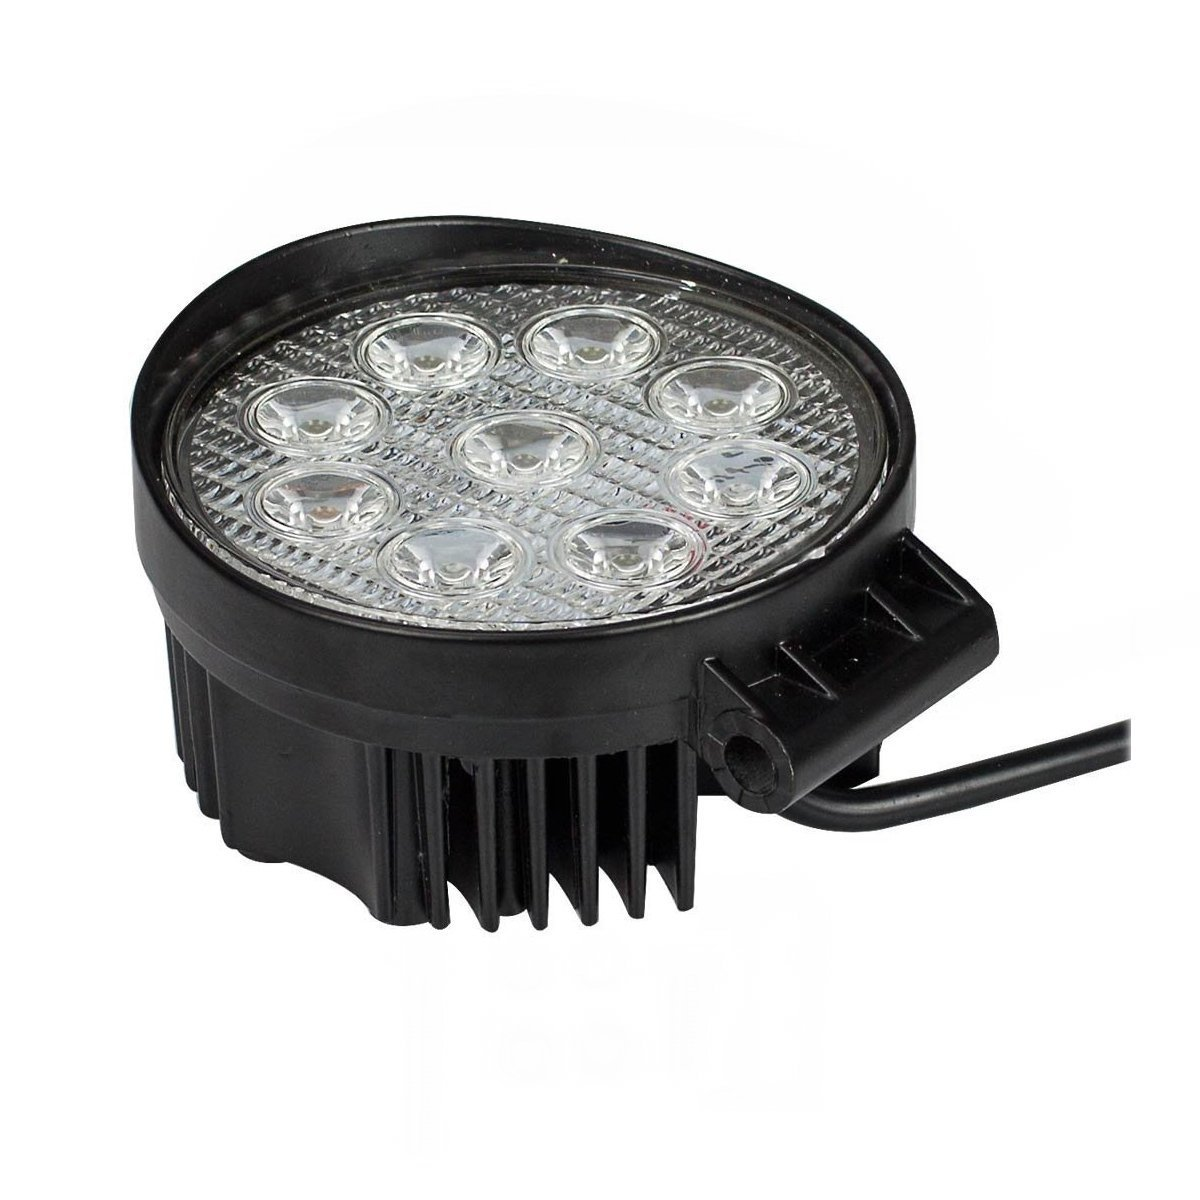 Trattore per auto SUV ATV UTV Fari per fuoristrada Faro anteriore,IP67 Impermeabile 12V 24V Luce retromarcia 2 * 27 W, rotondo SAILUN 2X27W LED Faro da lavoro